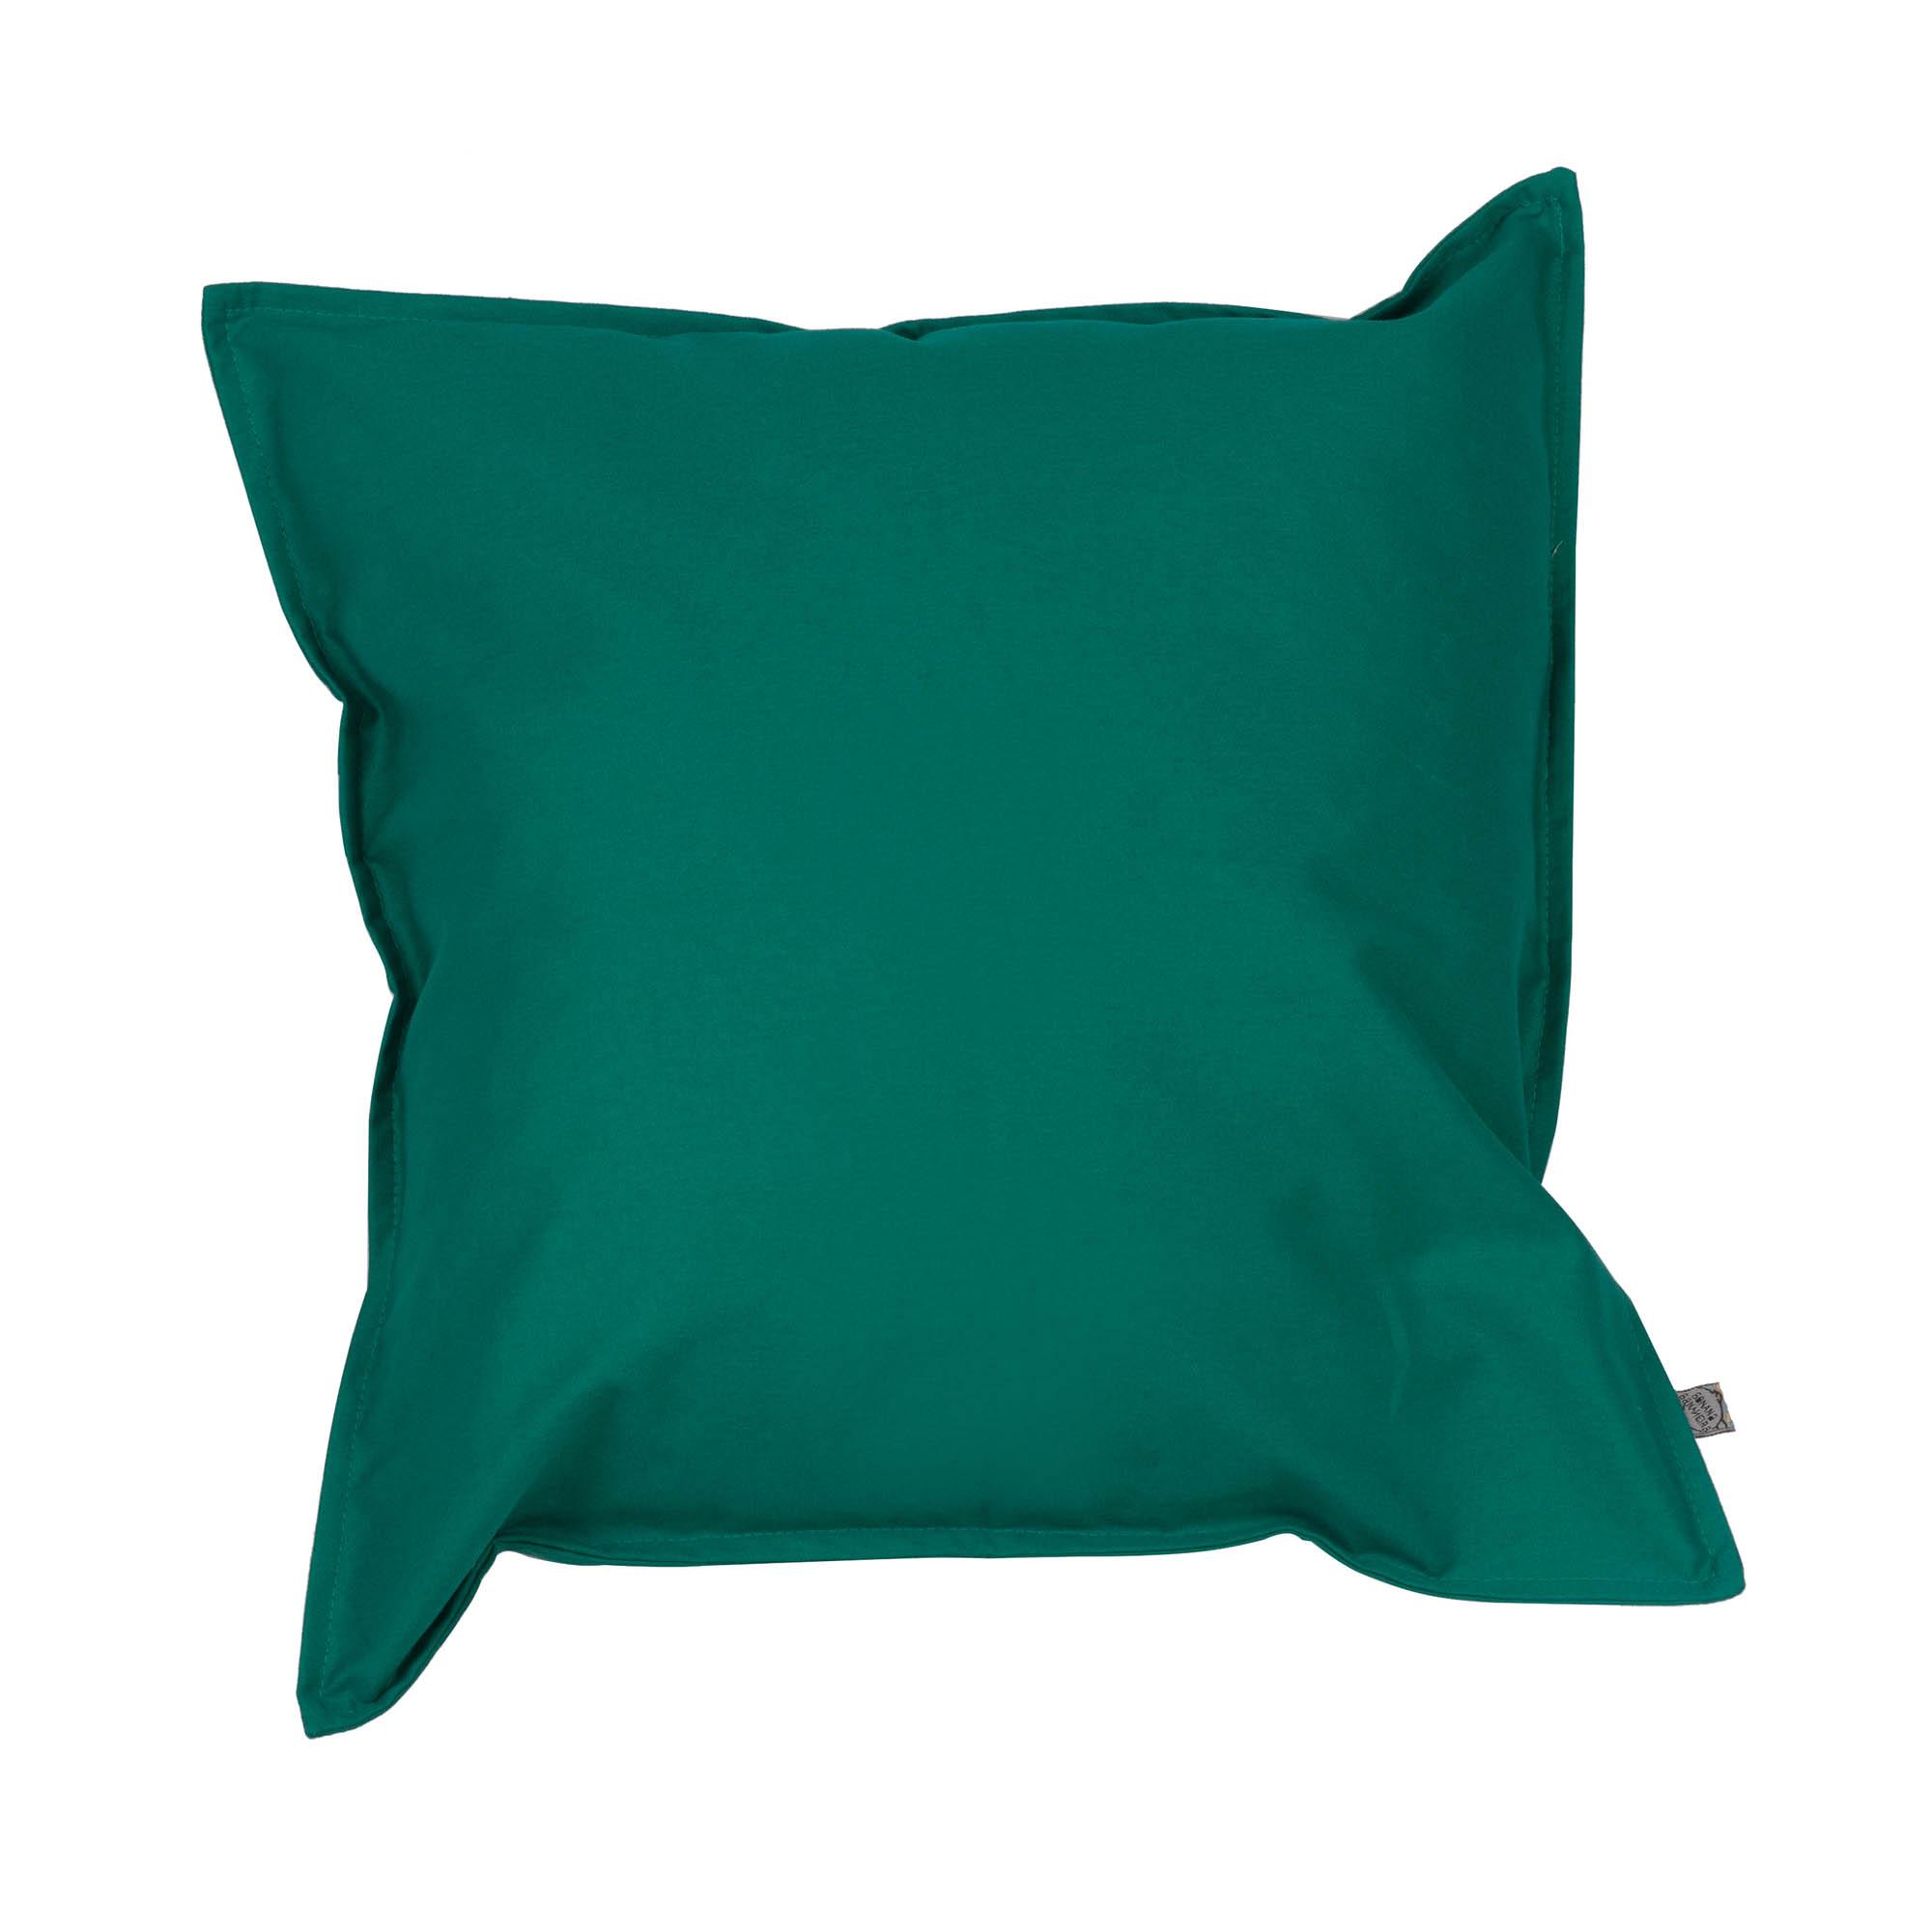 Capa de almofada em pesponto 45 cm x 45 cm verde esmeralda